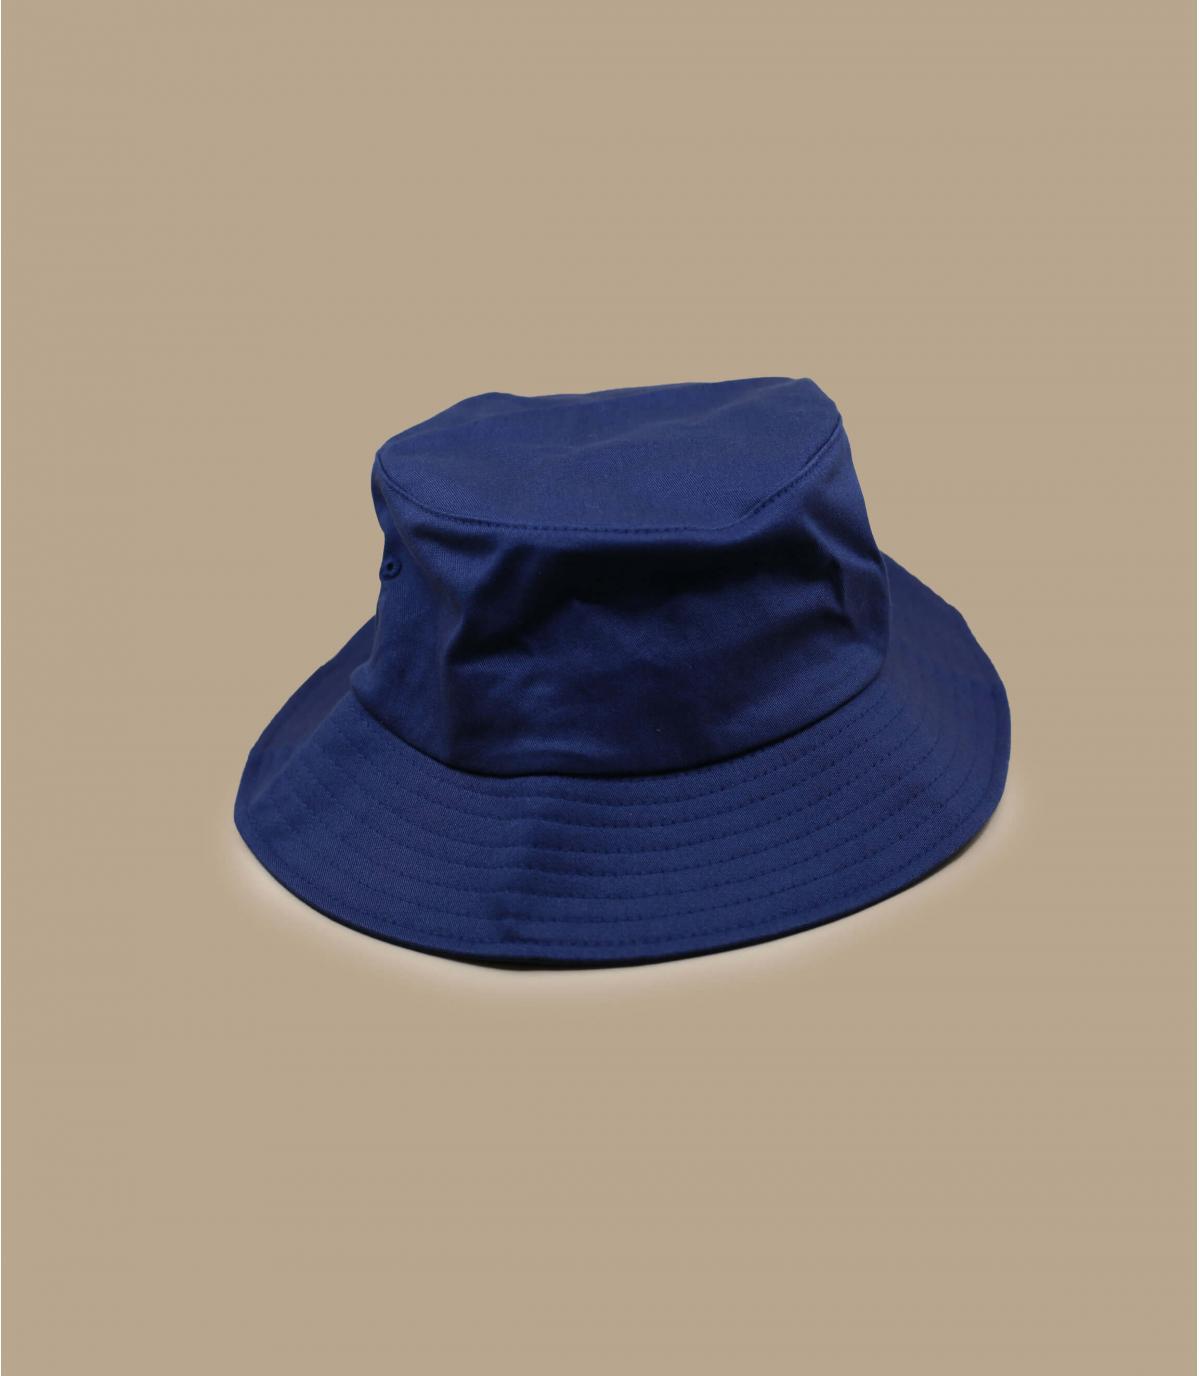 Bucker blue wm